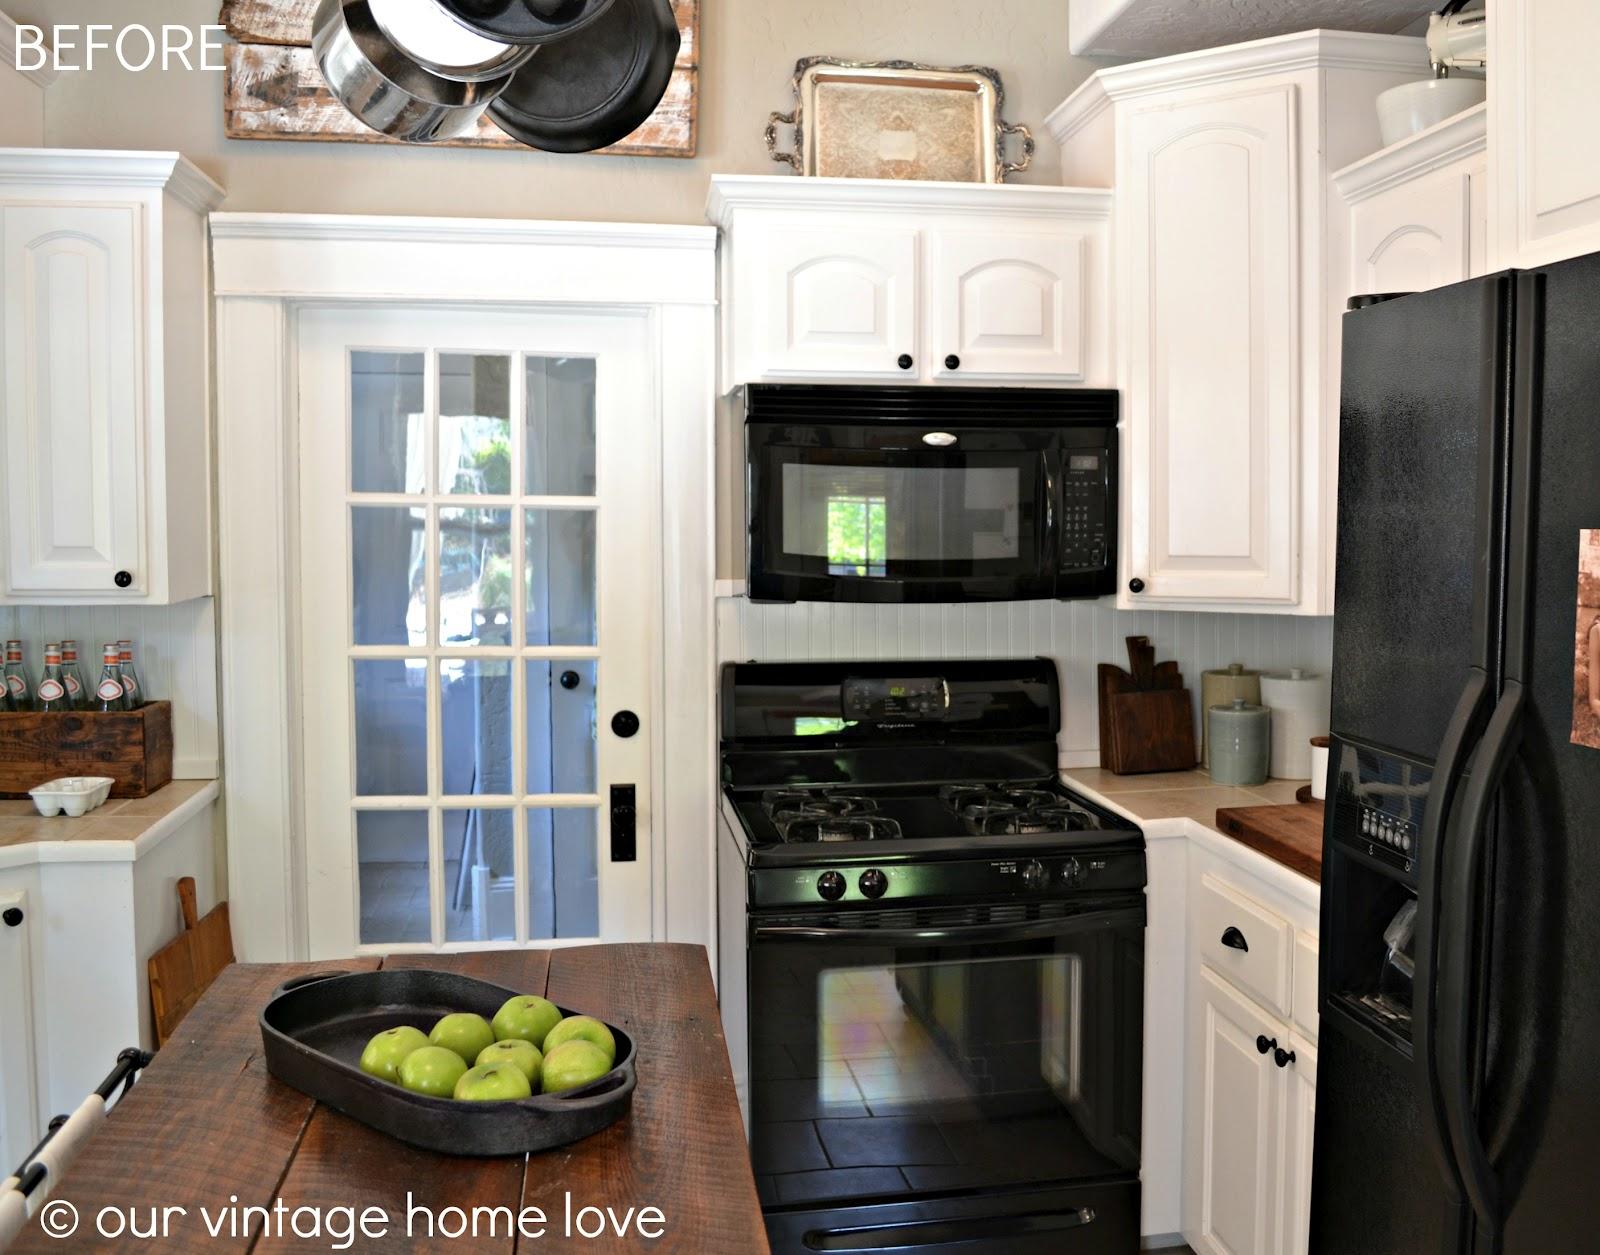 vintage home love big kitchen updates. Black Bedroom Furniture Sets. Home Design Ideas